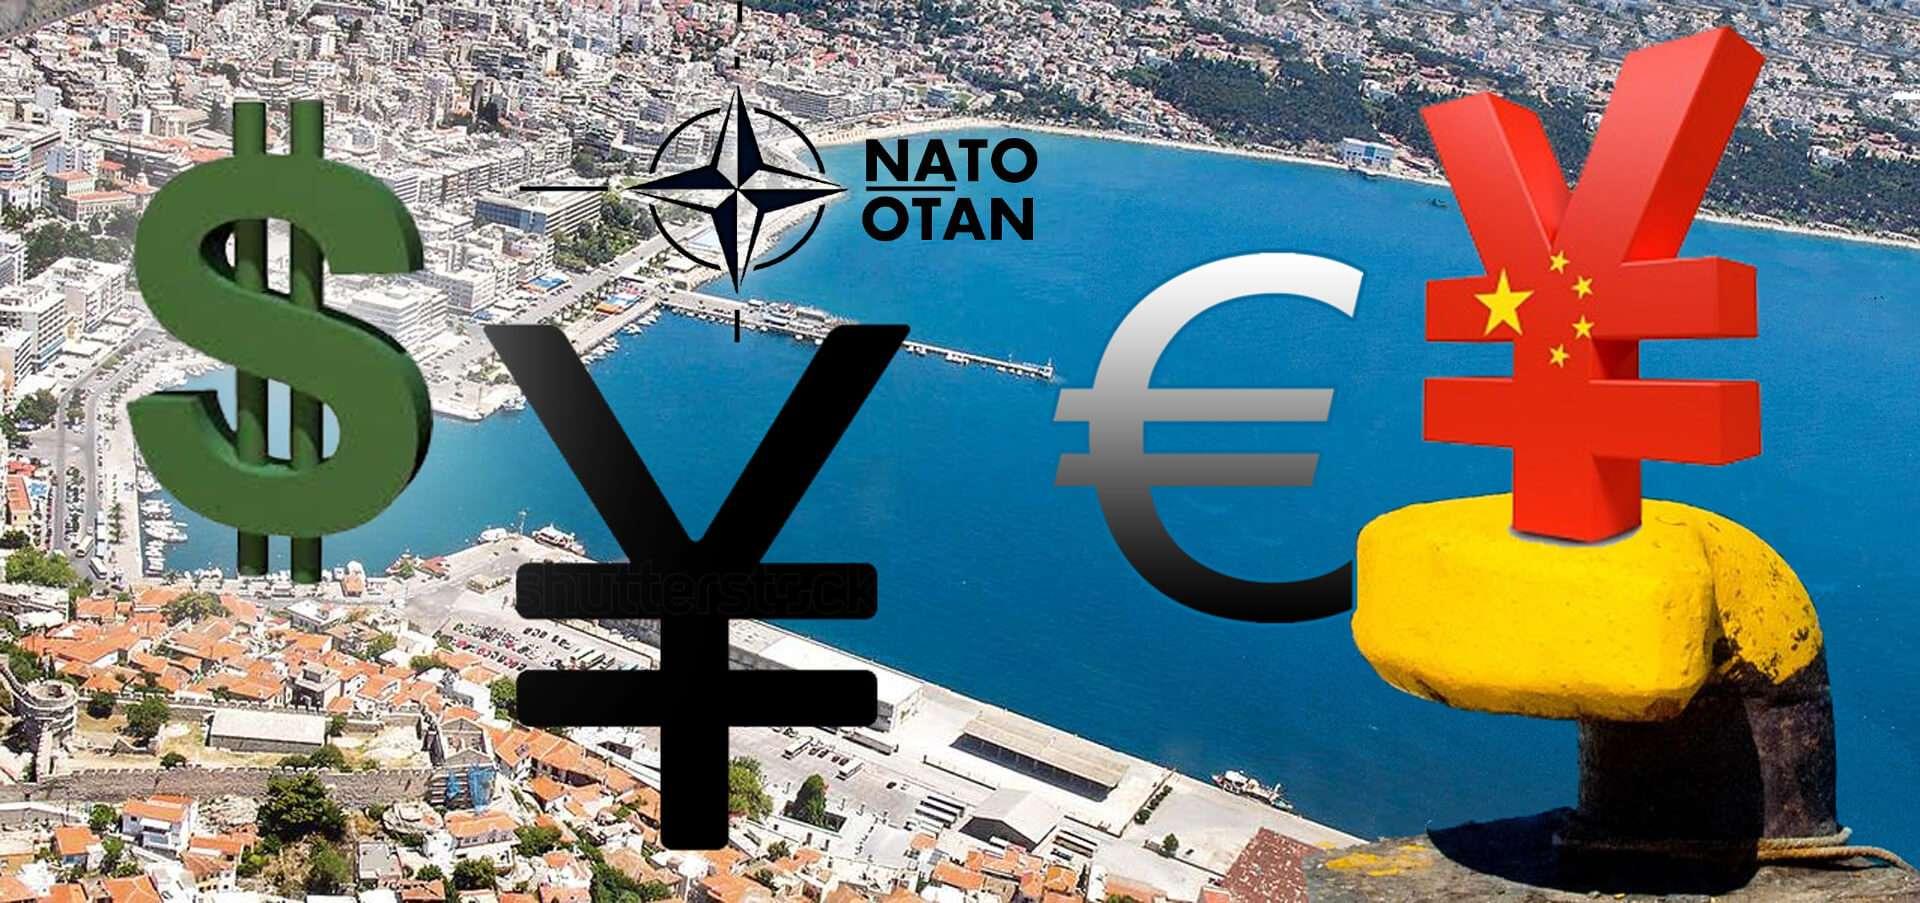 Δέκα ακόμη λιμάνια μας εκχωρούνται στο μεγάλο κεφάλαιο